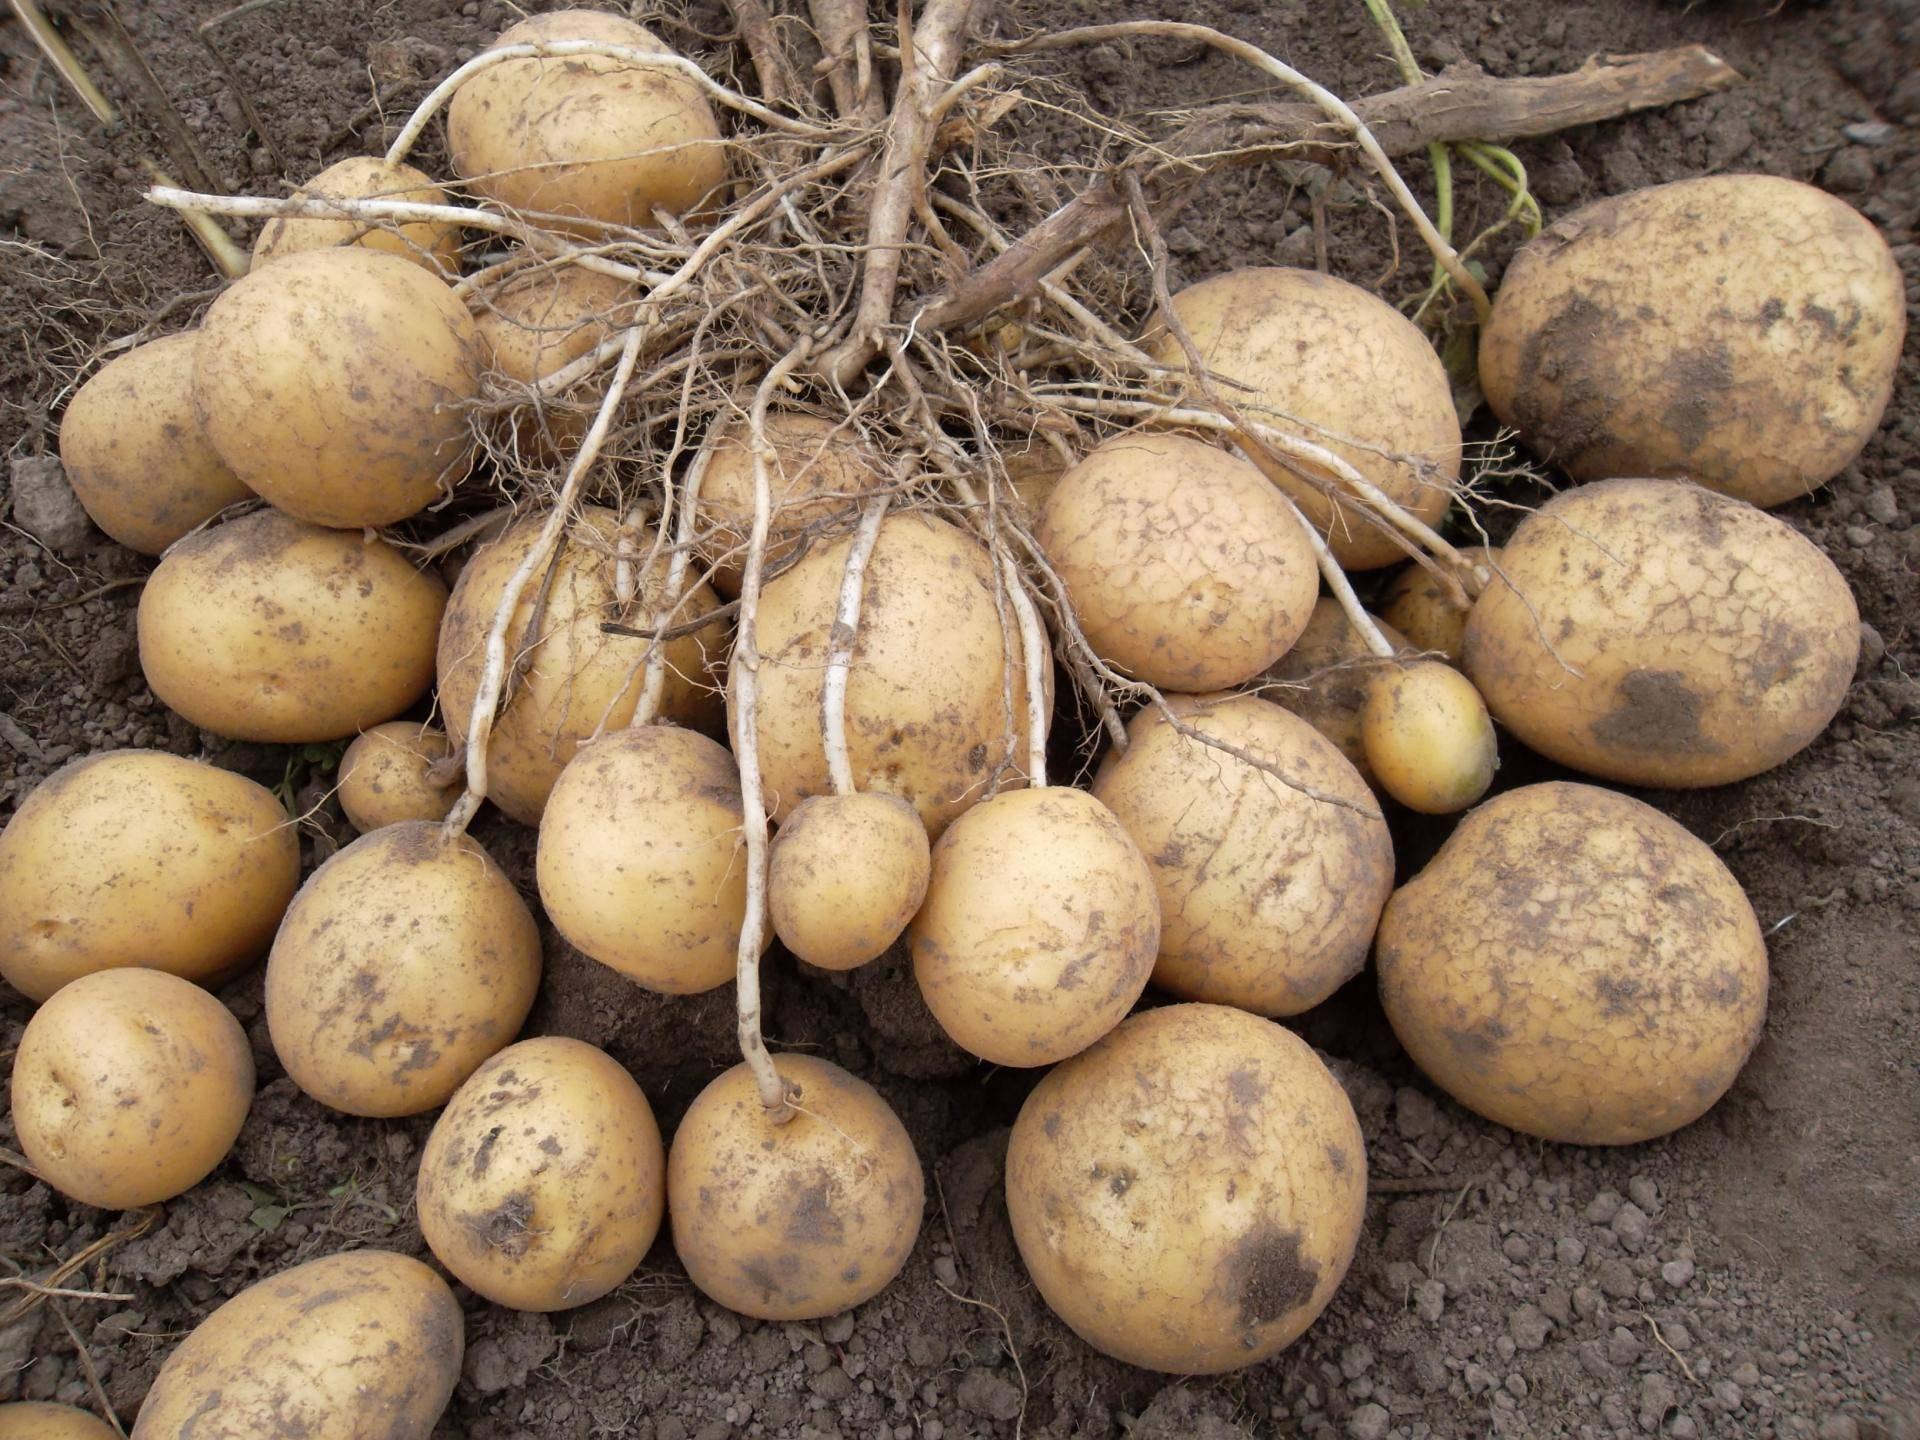 Сорт картофеля «ильинский»: характеристика, описание, урожайность, отзывы и фото